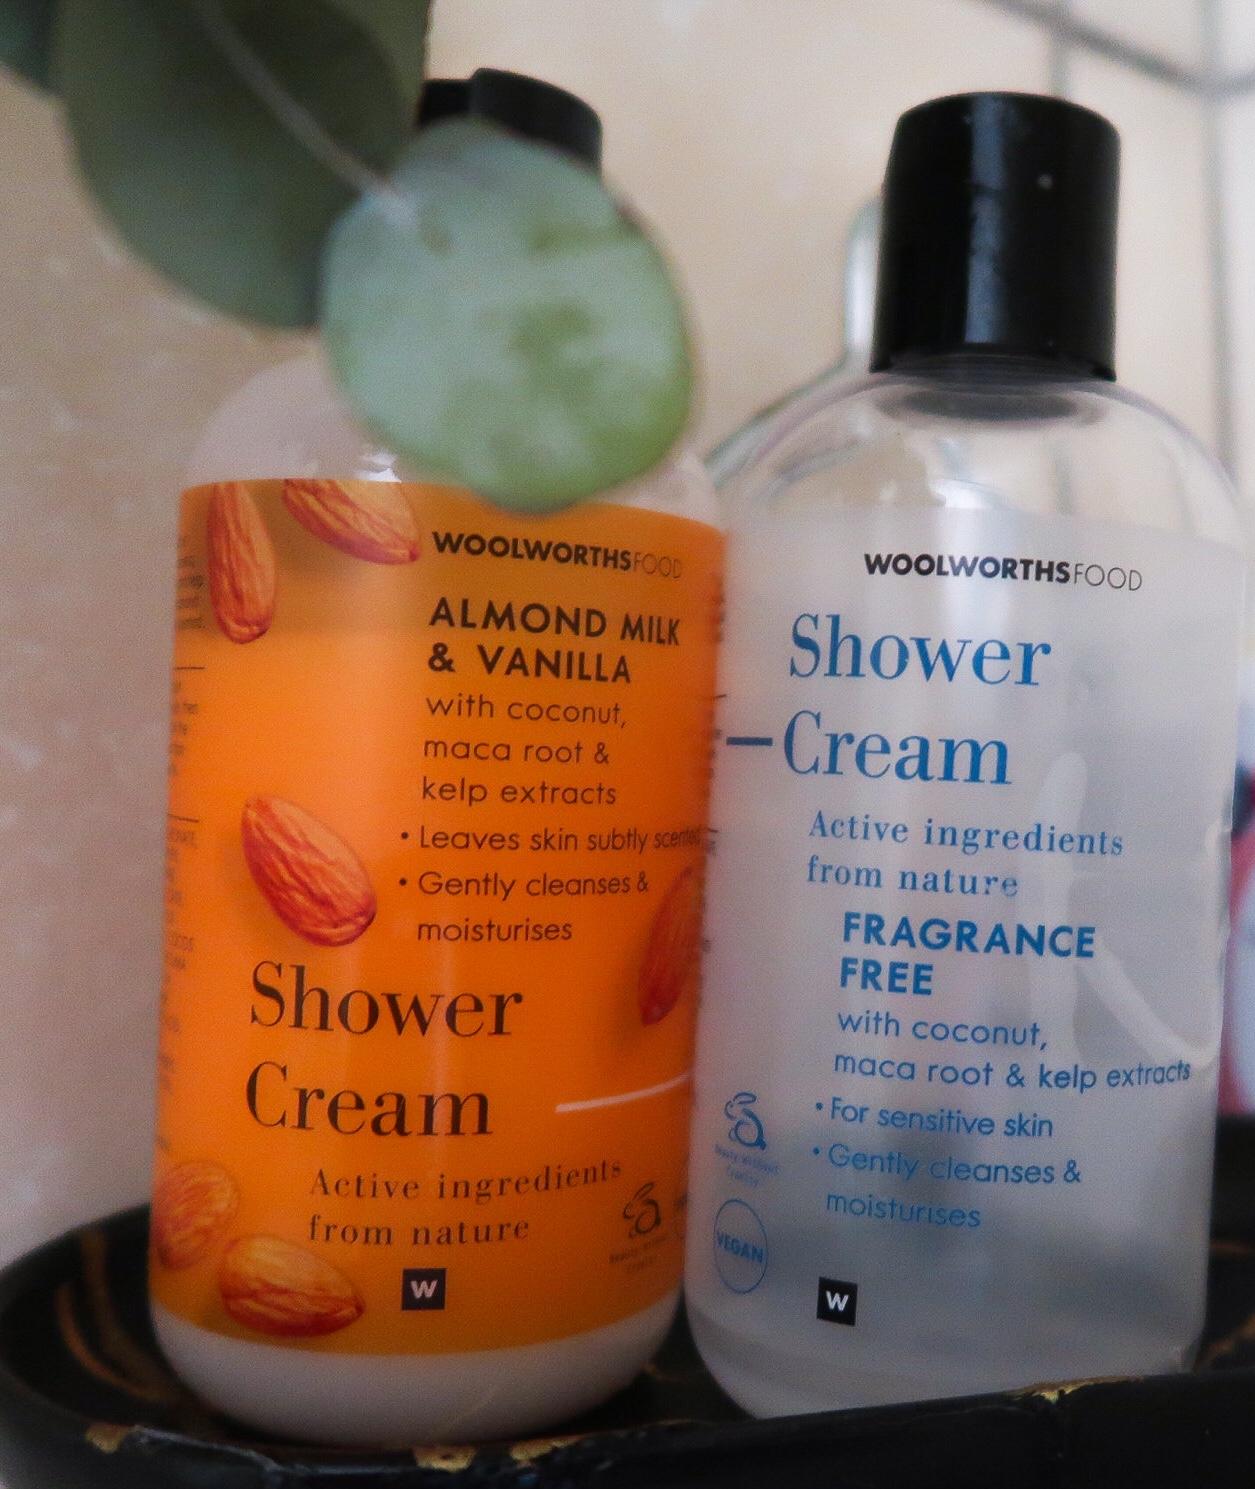 Woolworths Shower Cream